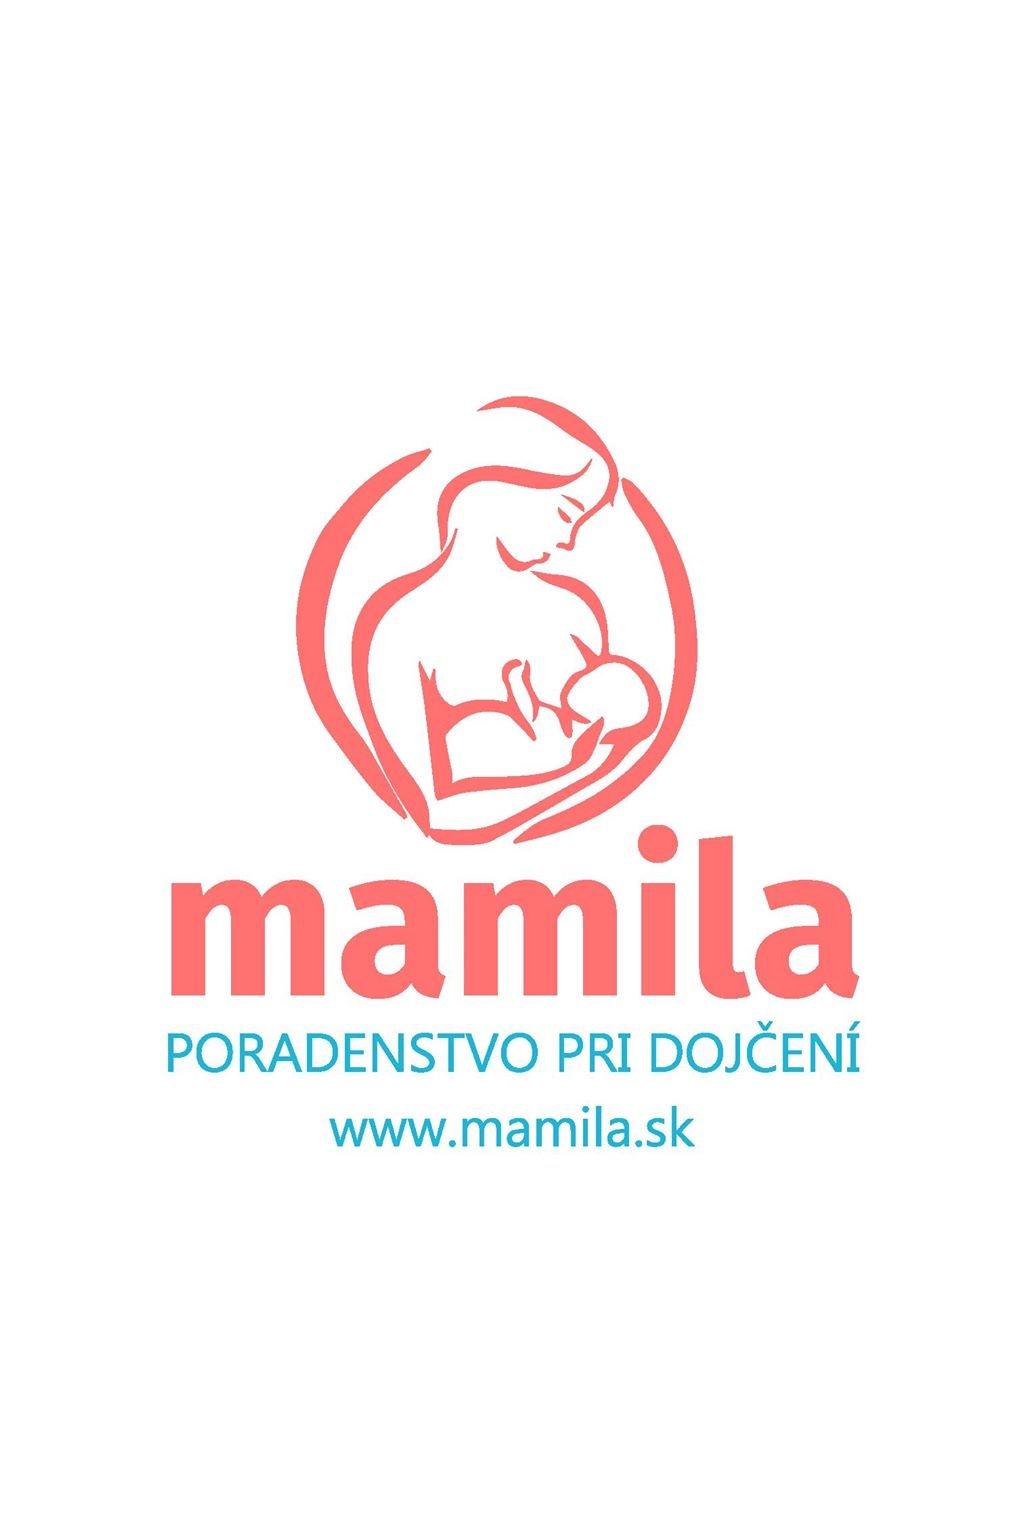 logo mamila růžovomodré